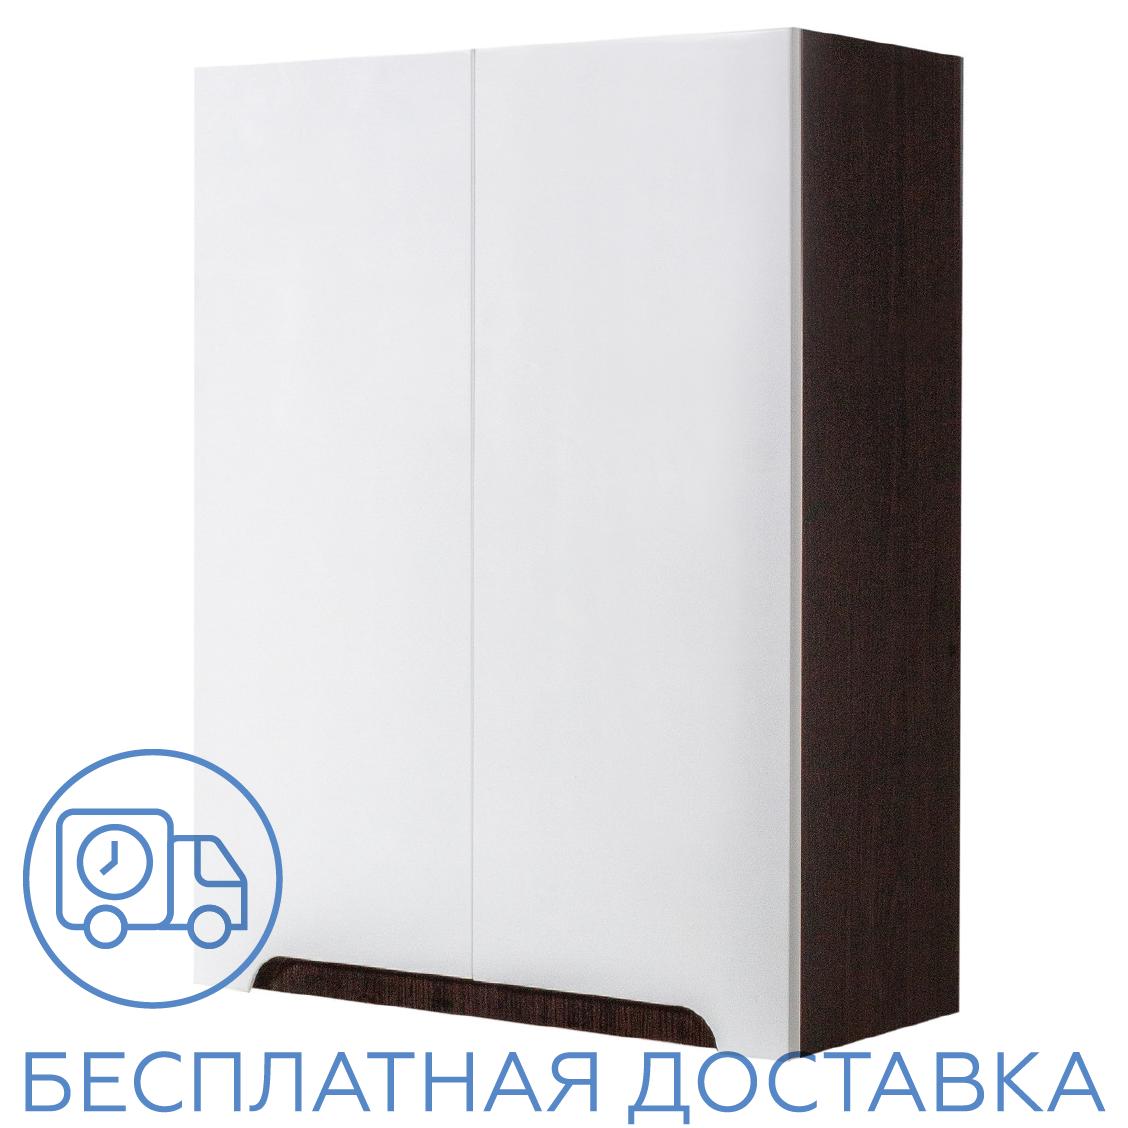 Шкаф навесной для ванной комнаты Симпл-Венге 60-02 ПИК